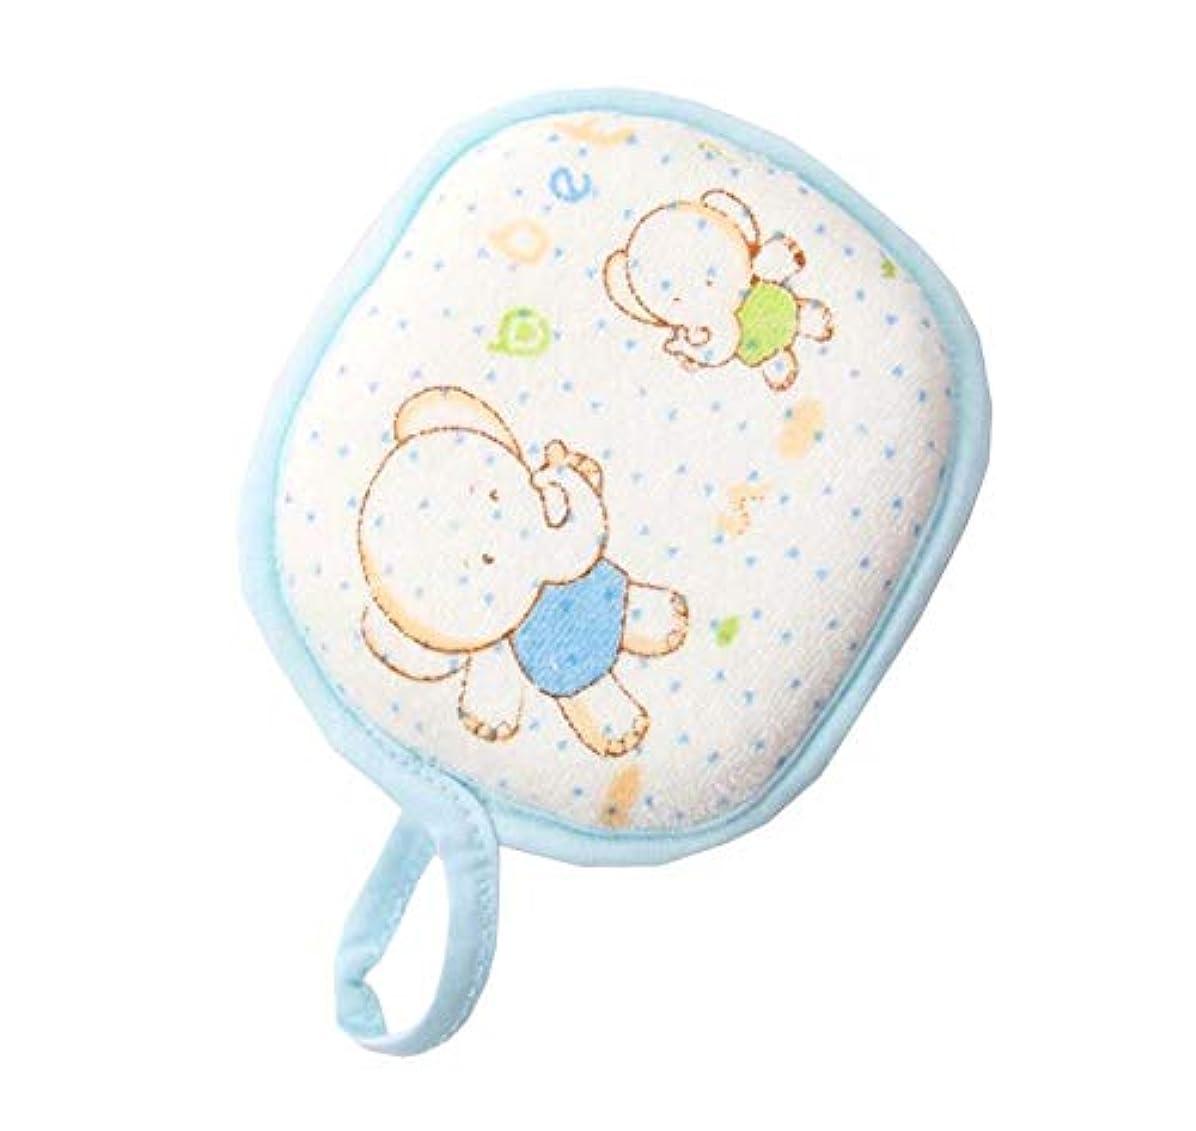 ハーブブラウズテクニカル赤ちゃんの柔らかい肌のフルーツの形に適した赤ちゃんのバススポンジ